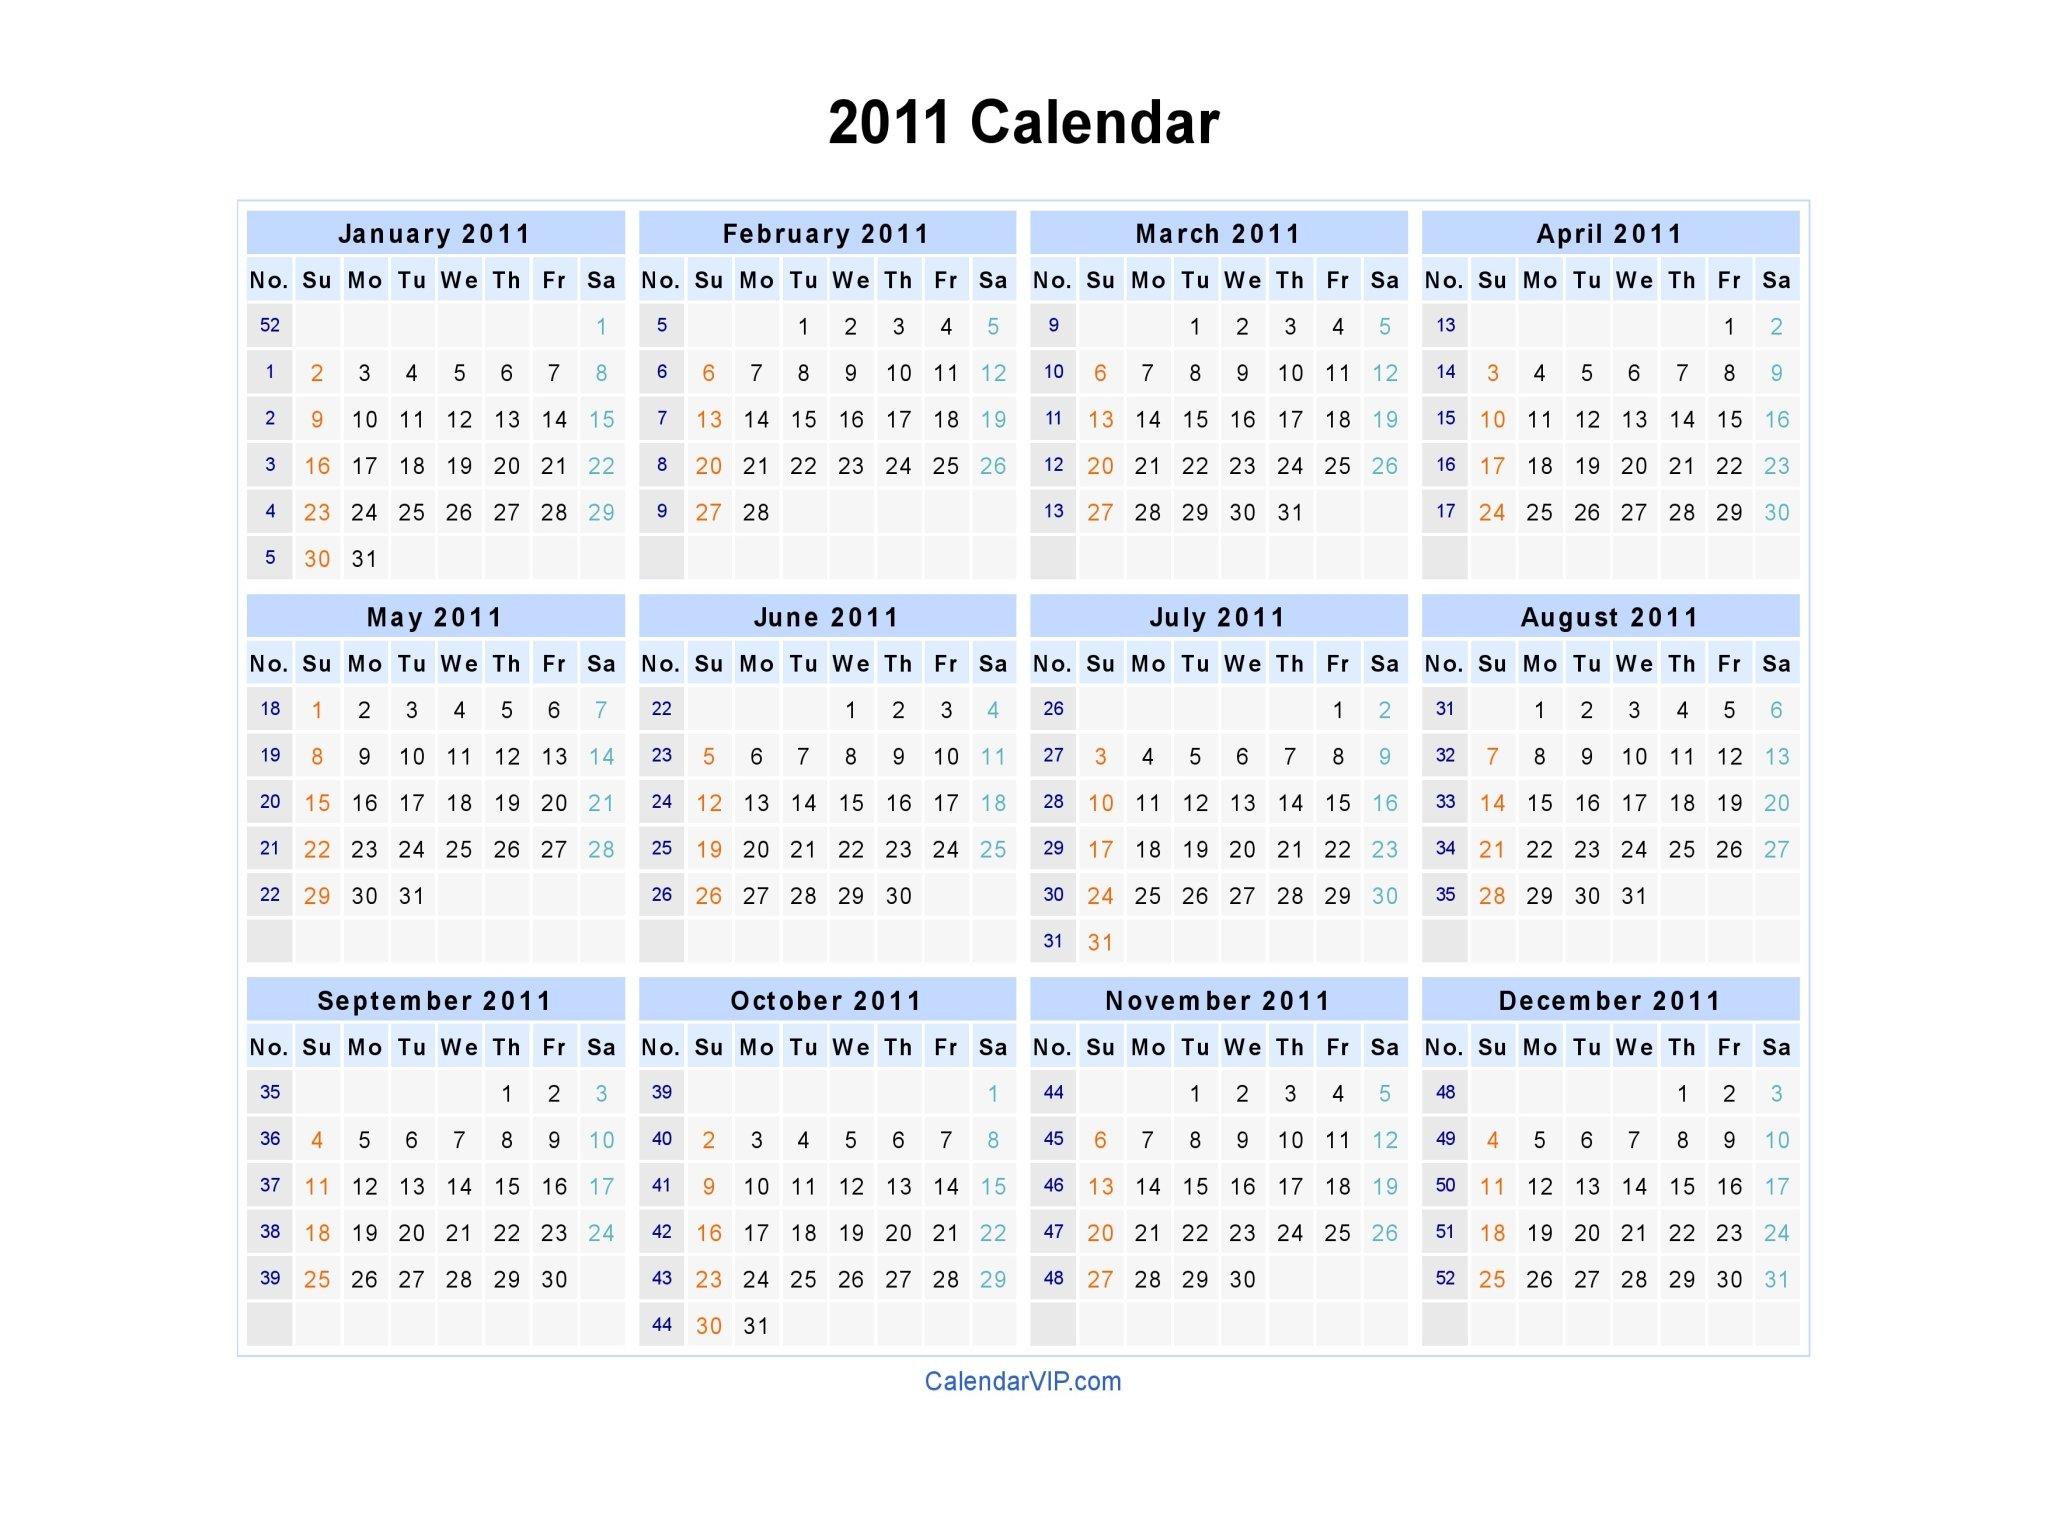 2011 Calendar - Blank Printable Calendar Template In Pdf Sap 52 Week Numbered Calendar